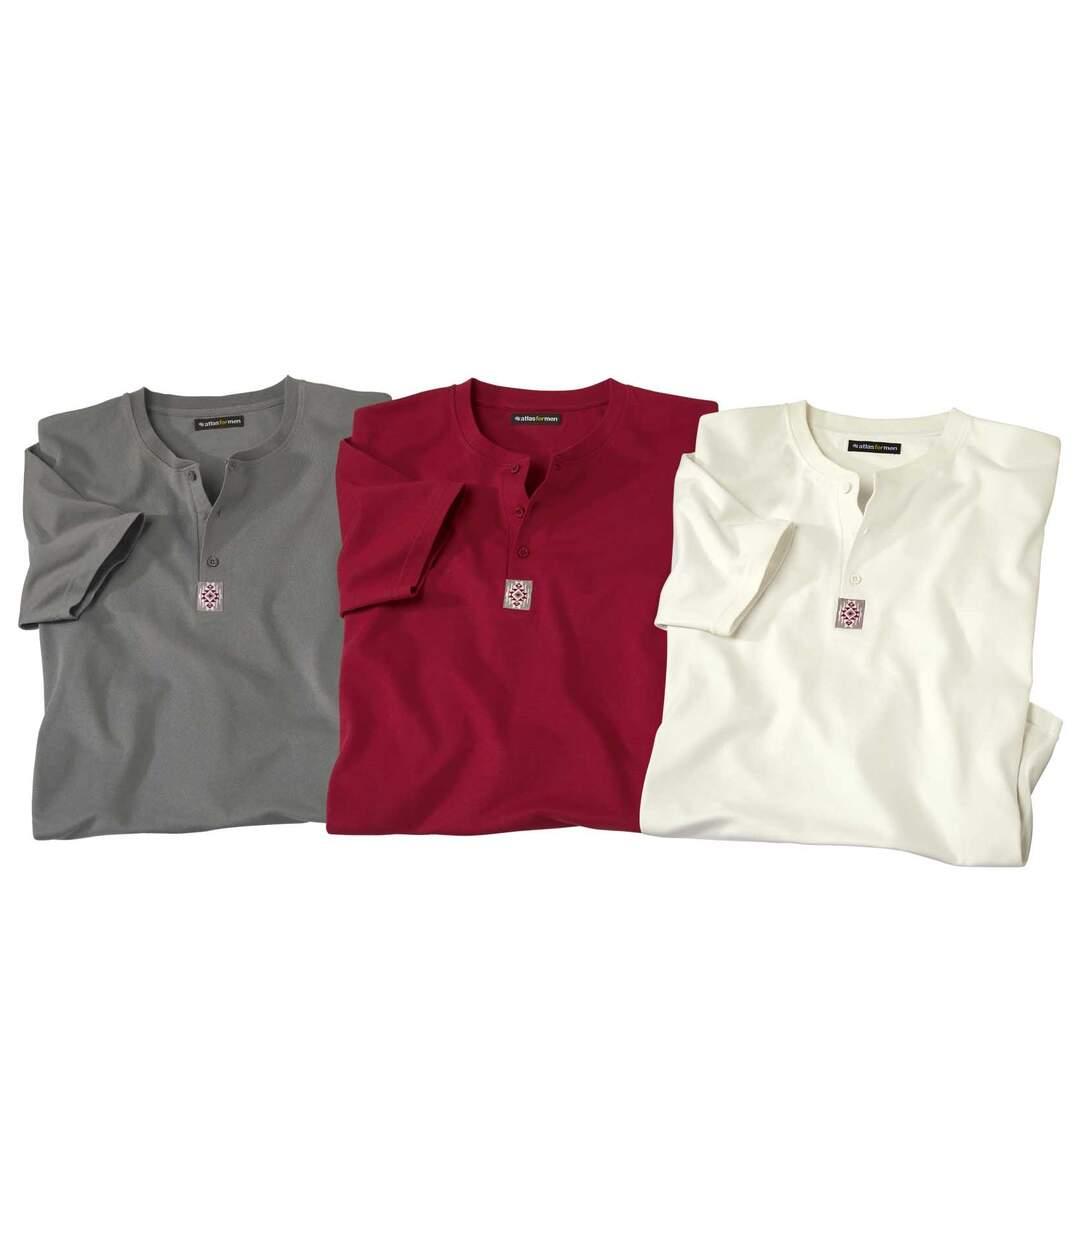 Set van 3 Mythic Raid T-shirts met Tunesische kraag